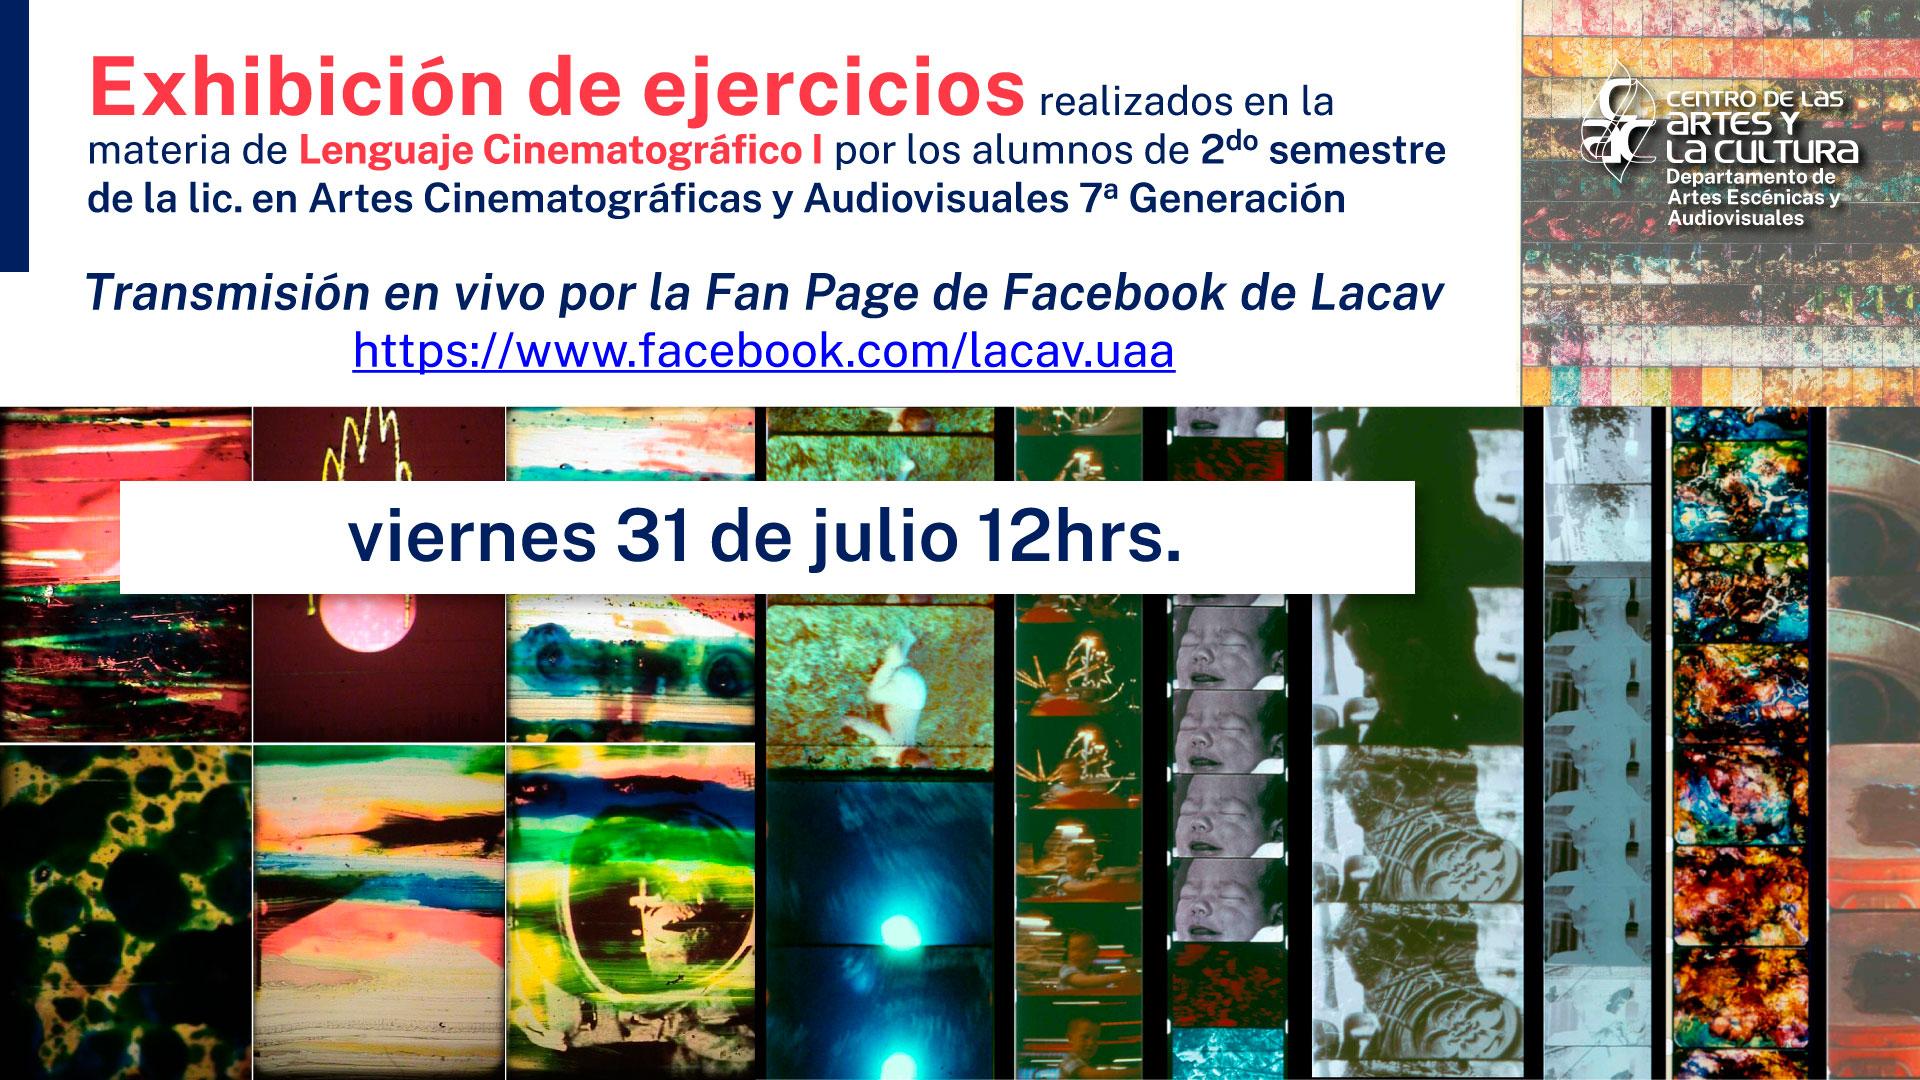 Exhibición de ejercicios- Lic. en Artes Cinematográficas y Audiovisuales